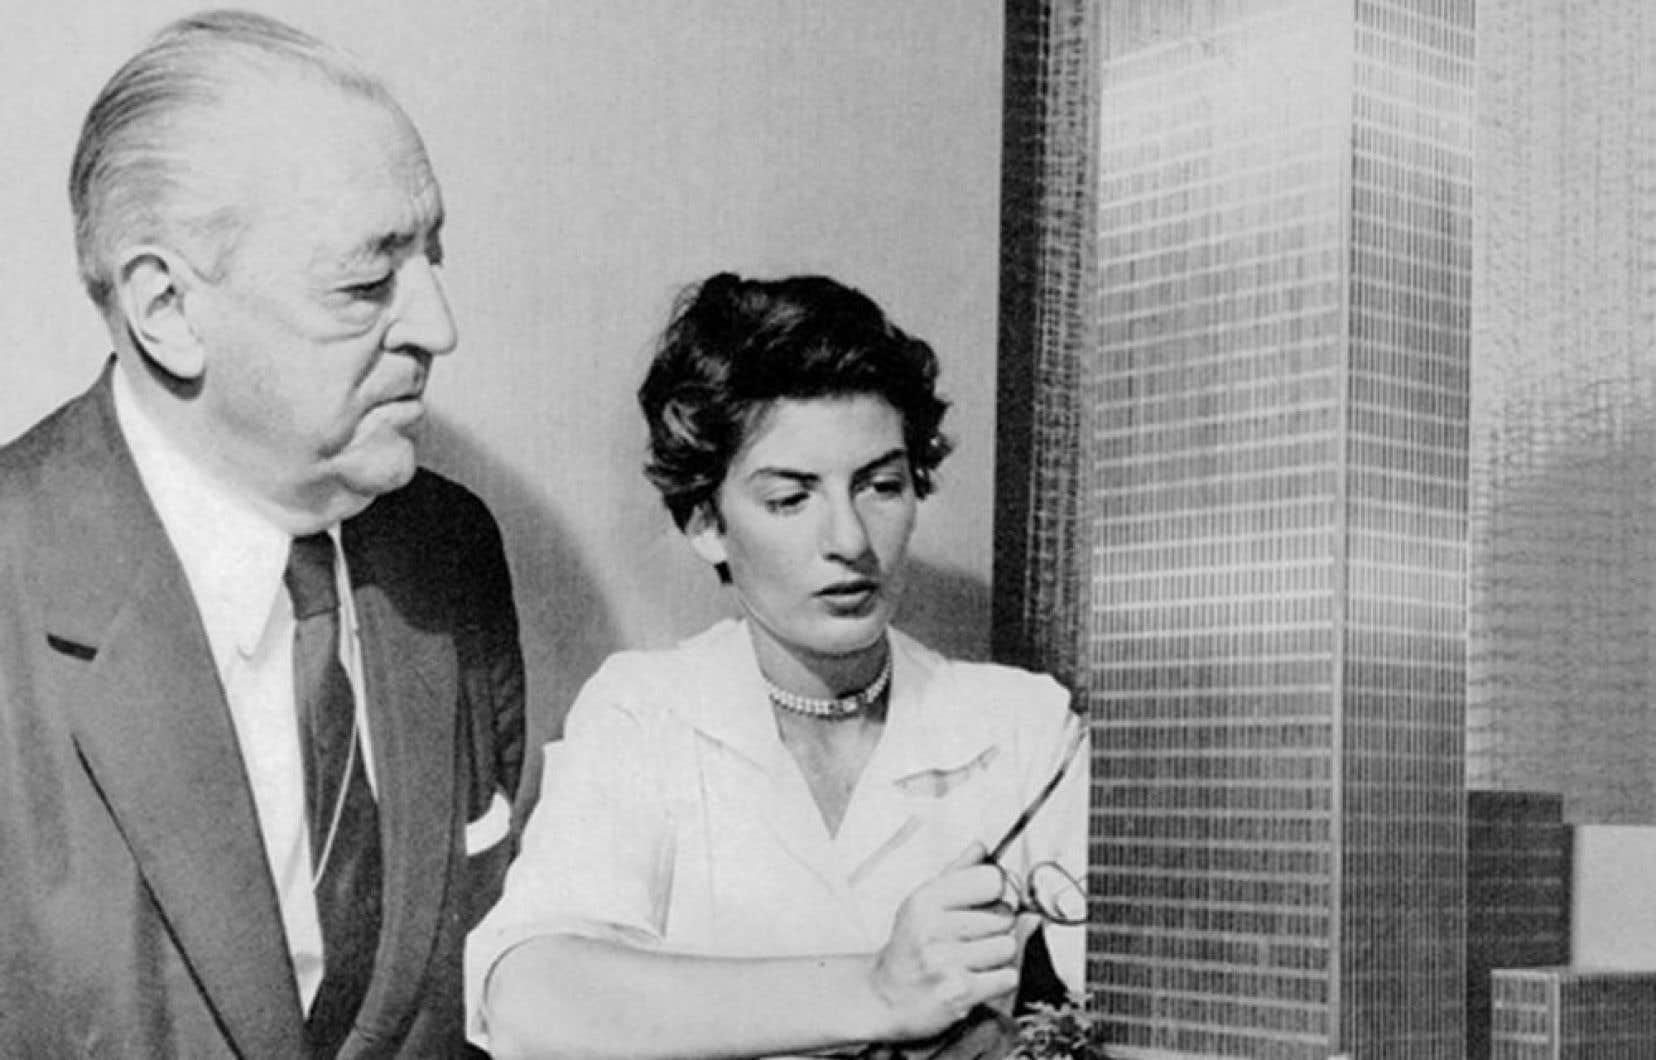 Phyllis Lambert et l'architecteMies van der Rohe devant la maquette de l'édifice Seagram.